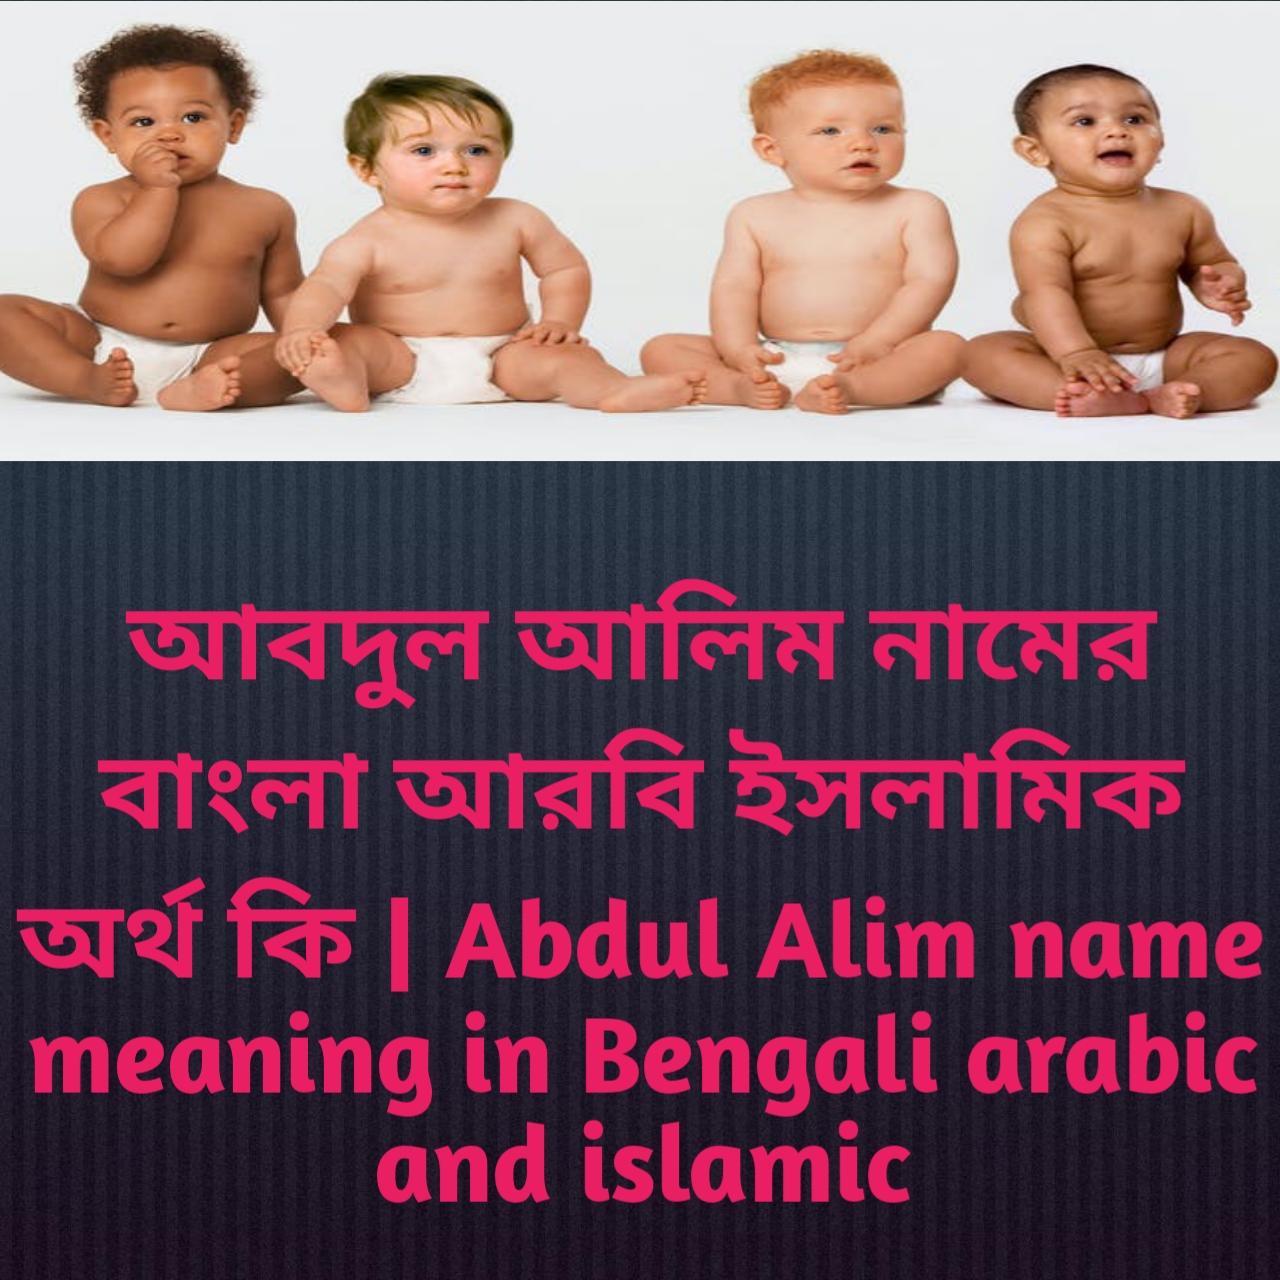 আবদুল আলিম নামের অর্থ কি, আবদুল আলিম নামের বাংলা অর্থ কি, আবদুল আলিম নামের ইসলামিক অর্থ কি, Abdul Alim name meaning in Bengali, আবদুল আলিম কি ইসলামিক নাম,